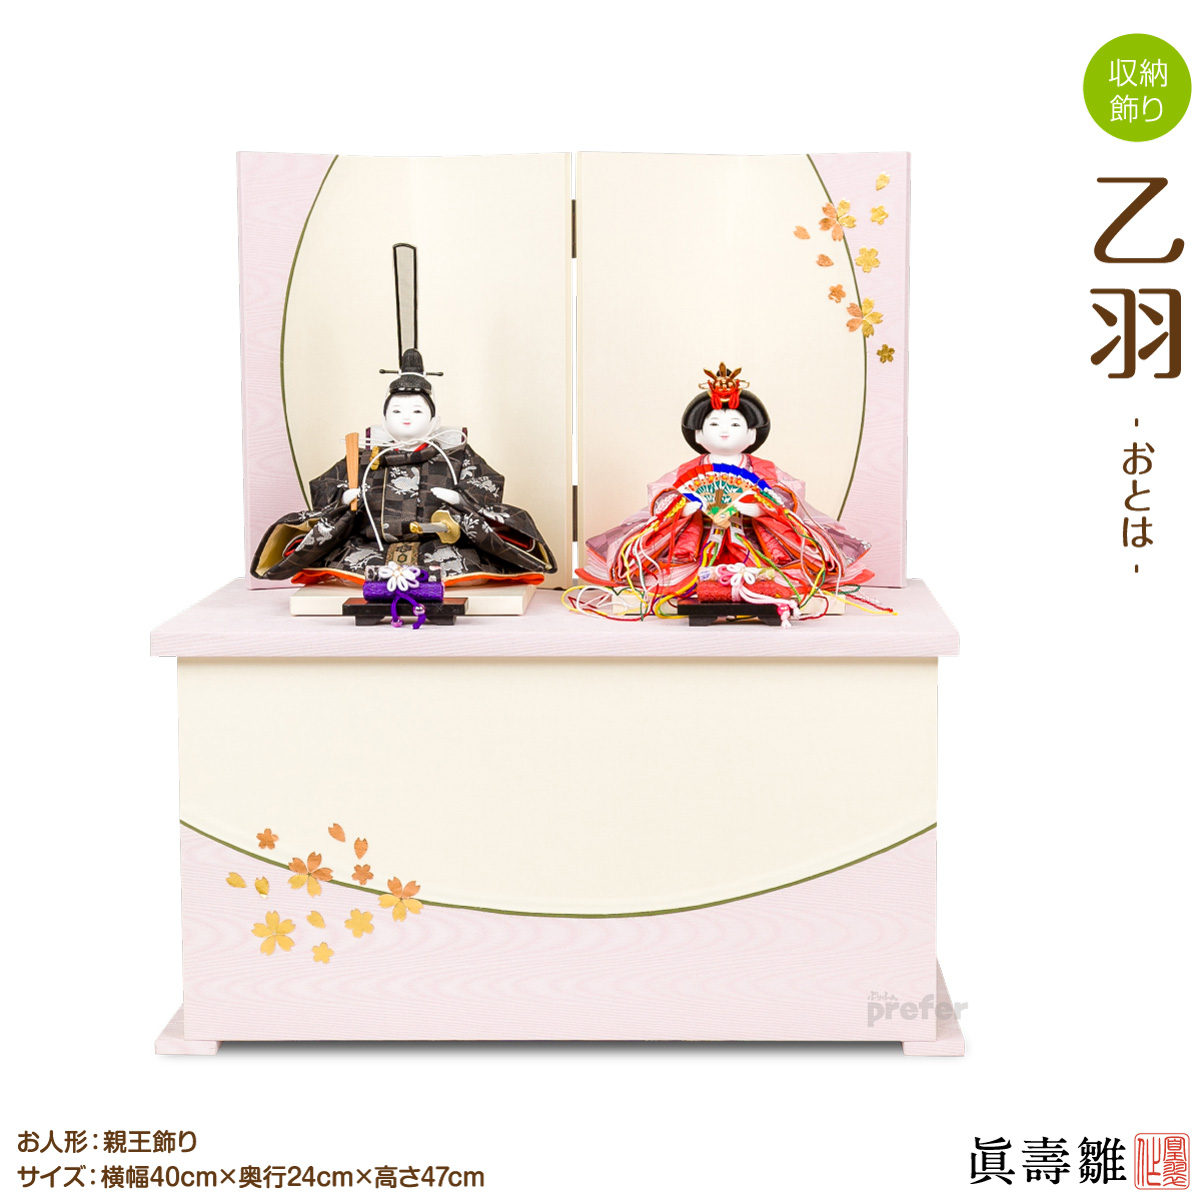 雛人形 収納飾り ひな人形 収納スペース付眞壽雛乙羽(おとは) コンパクト 収納雛